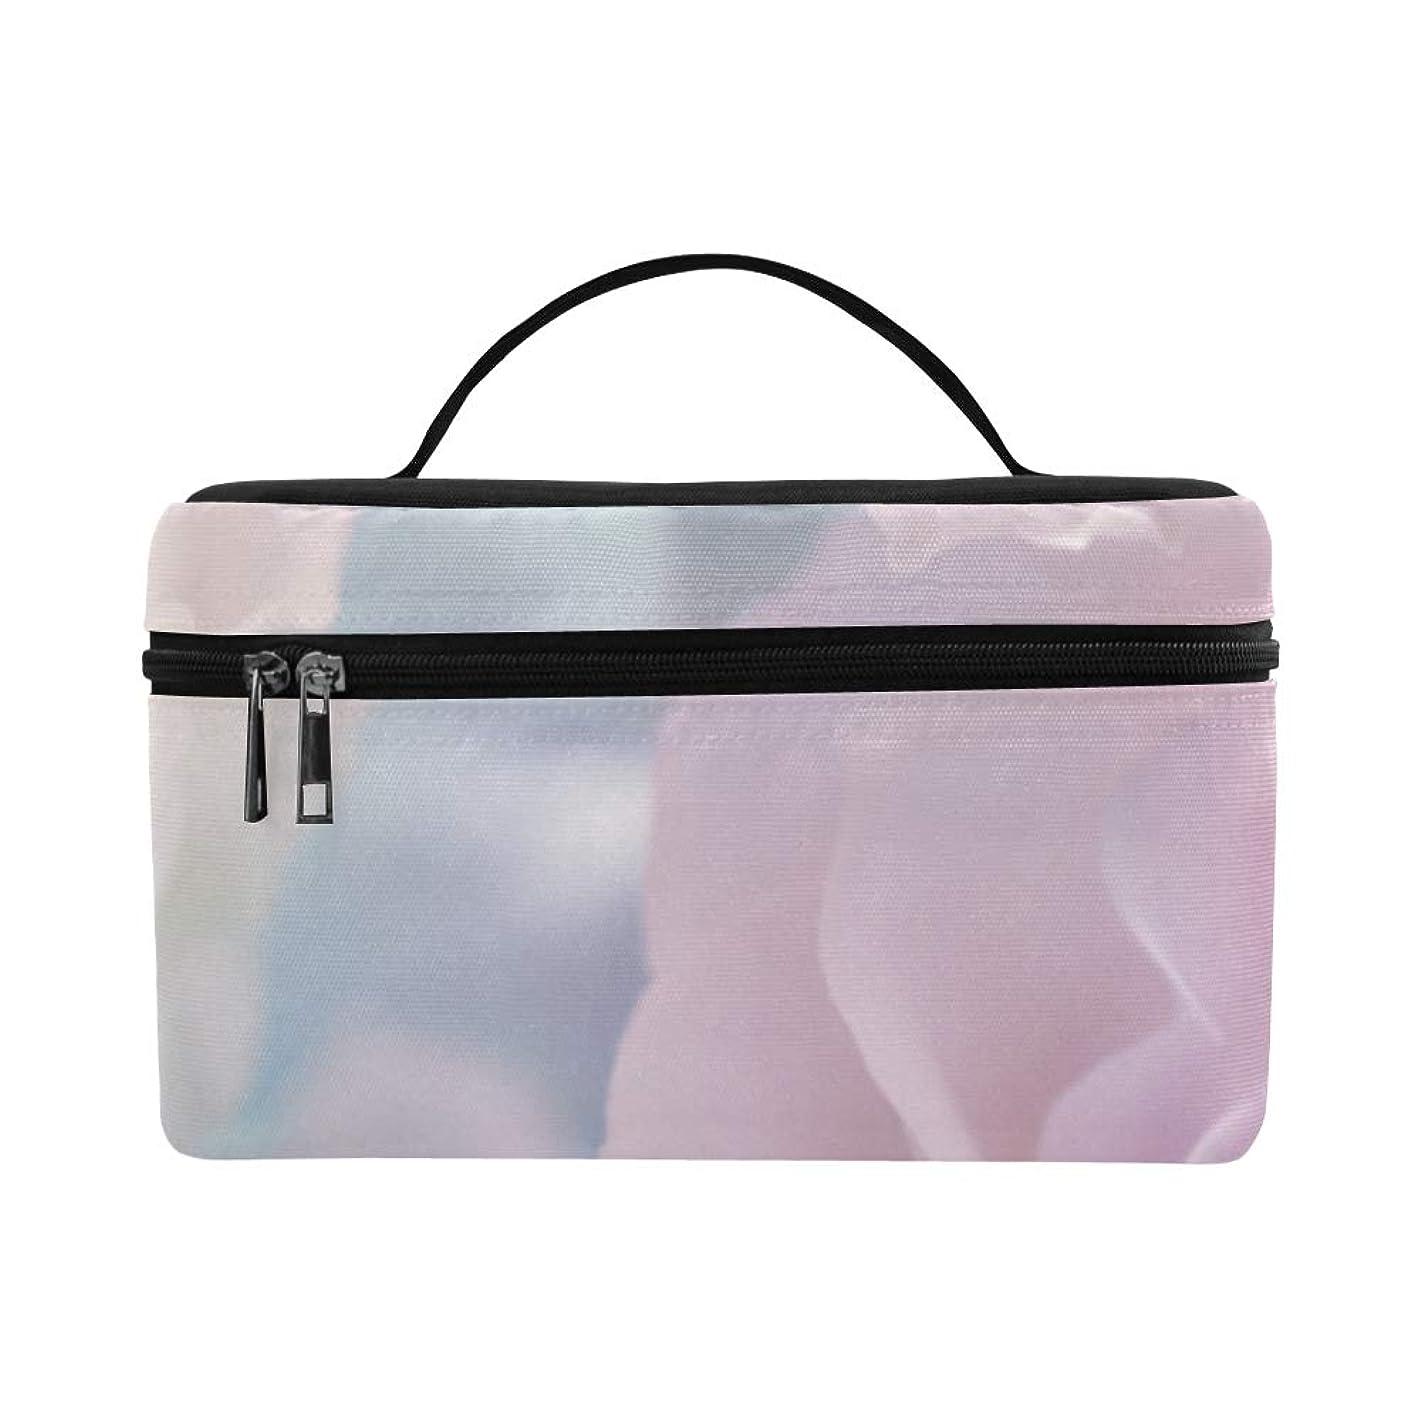 オート南方の合法GXMAN メイクボックス コスメ収納 化粧品収納ケース 大容量 収納ボックス 化粧品入れ 化粧バッグ 旅行用 メイクブラシバッグ 化粧箱 持ち運び便利 プロ用 ピンクの花